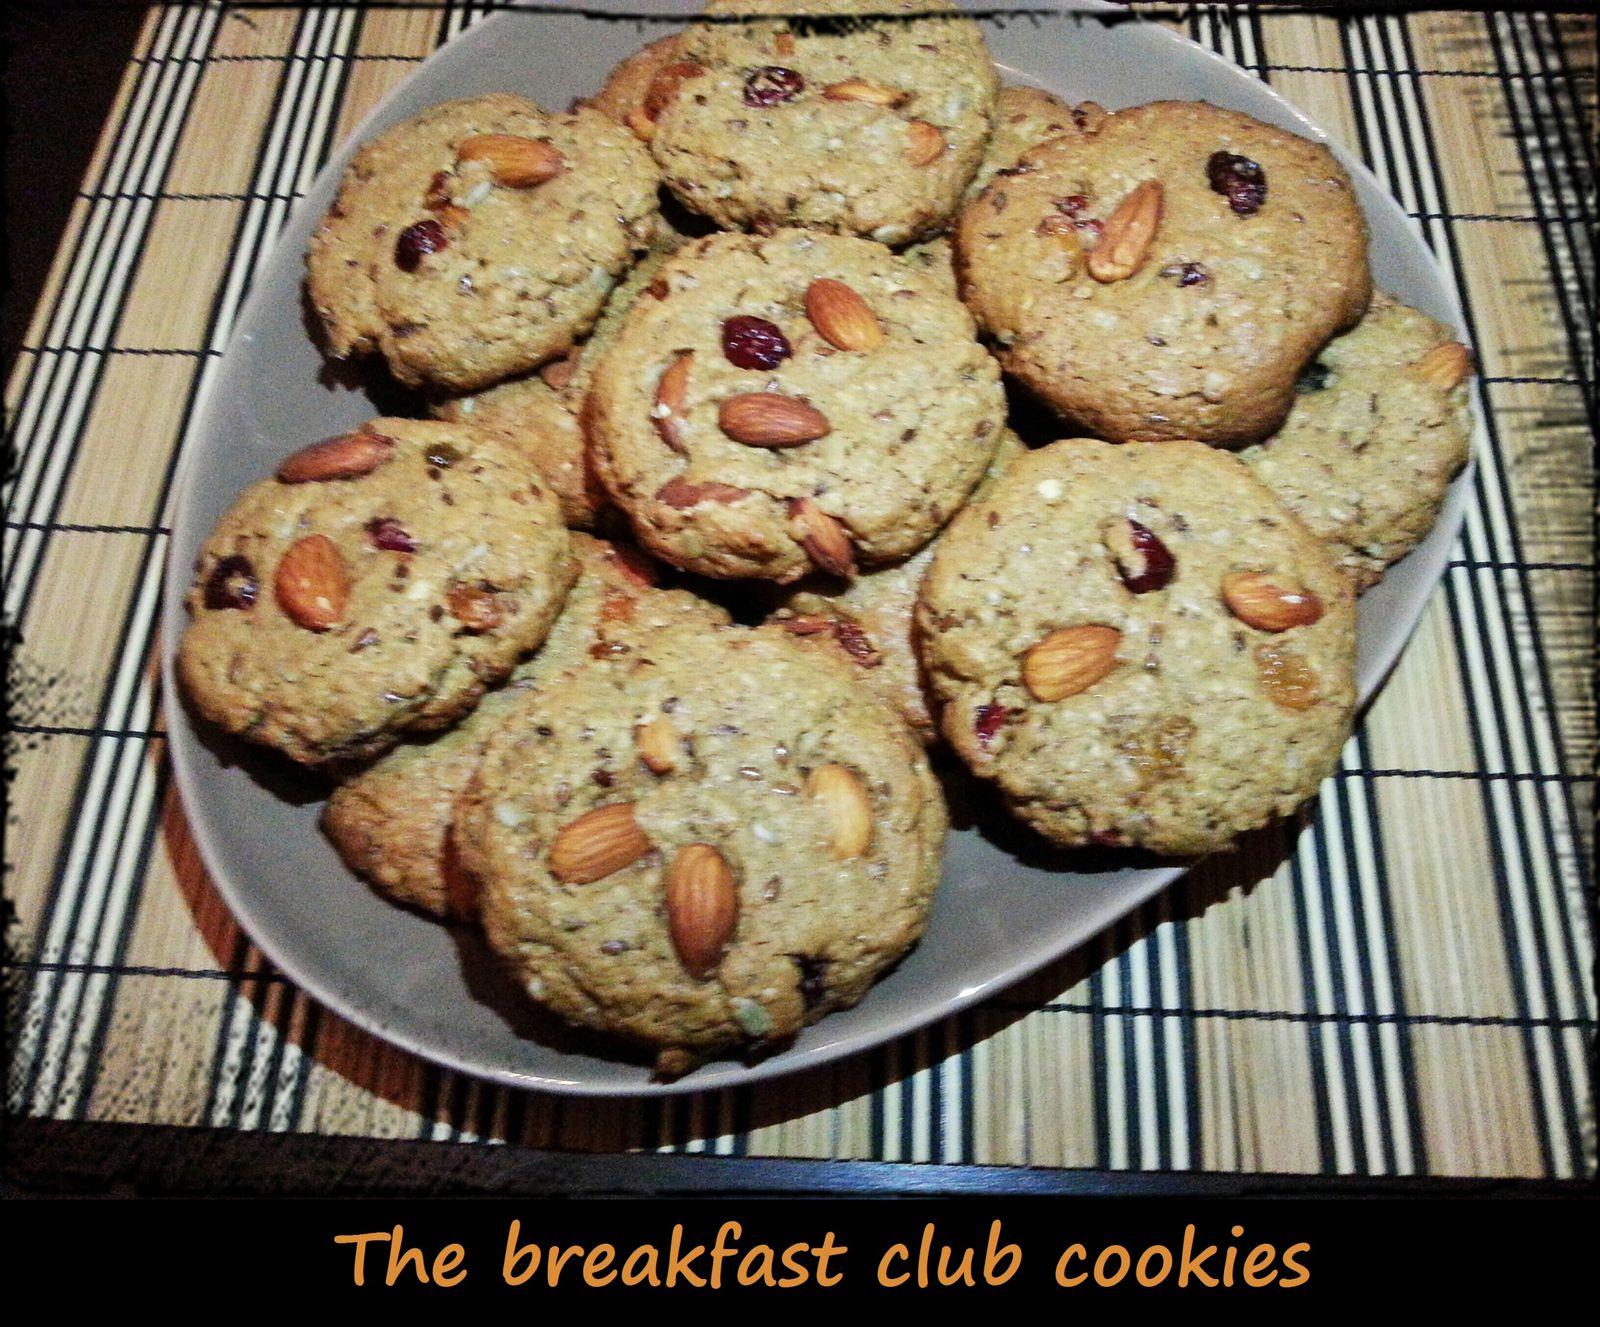 The breakfast club cookies